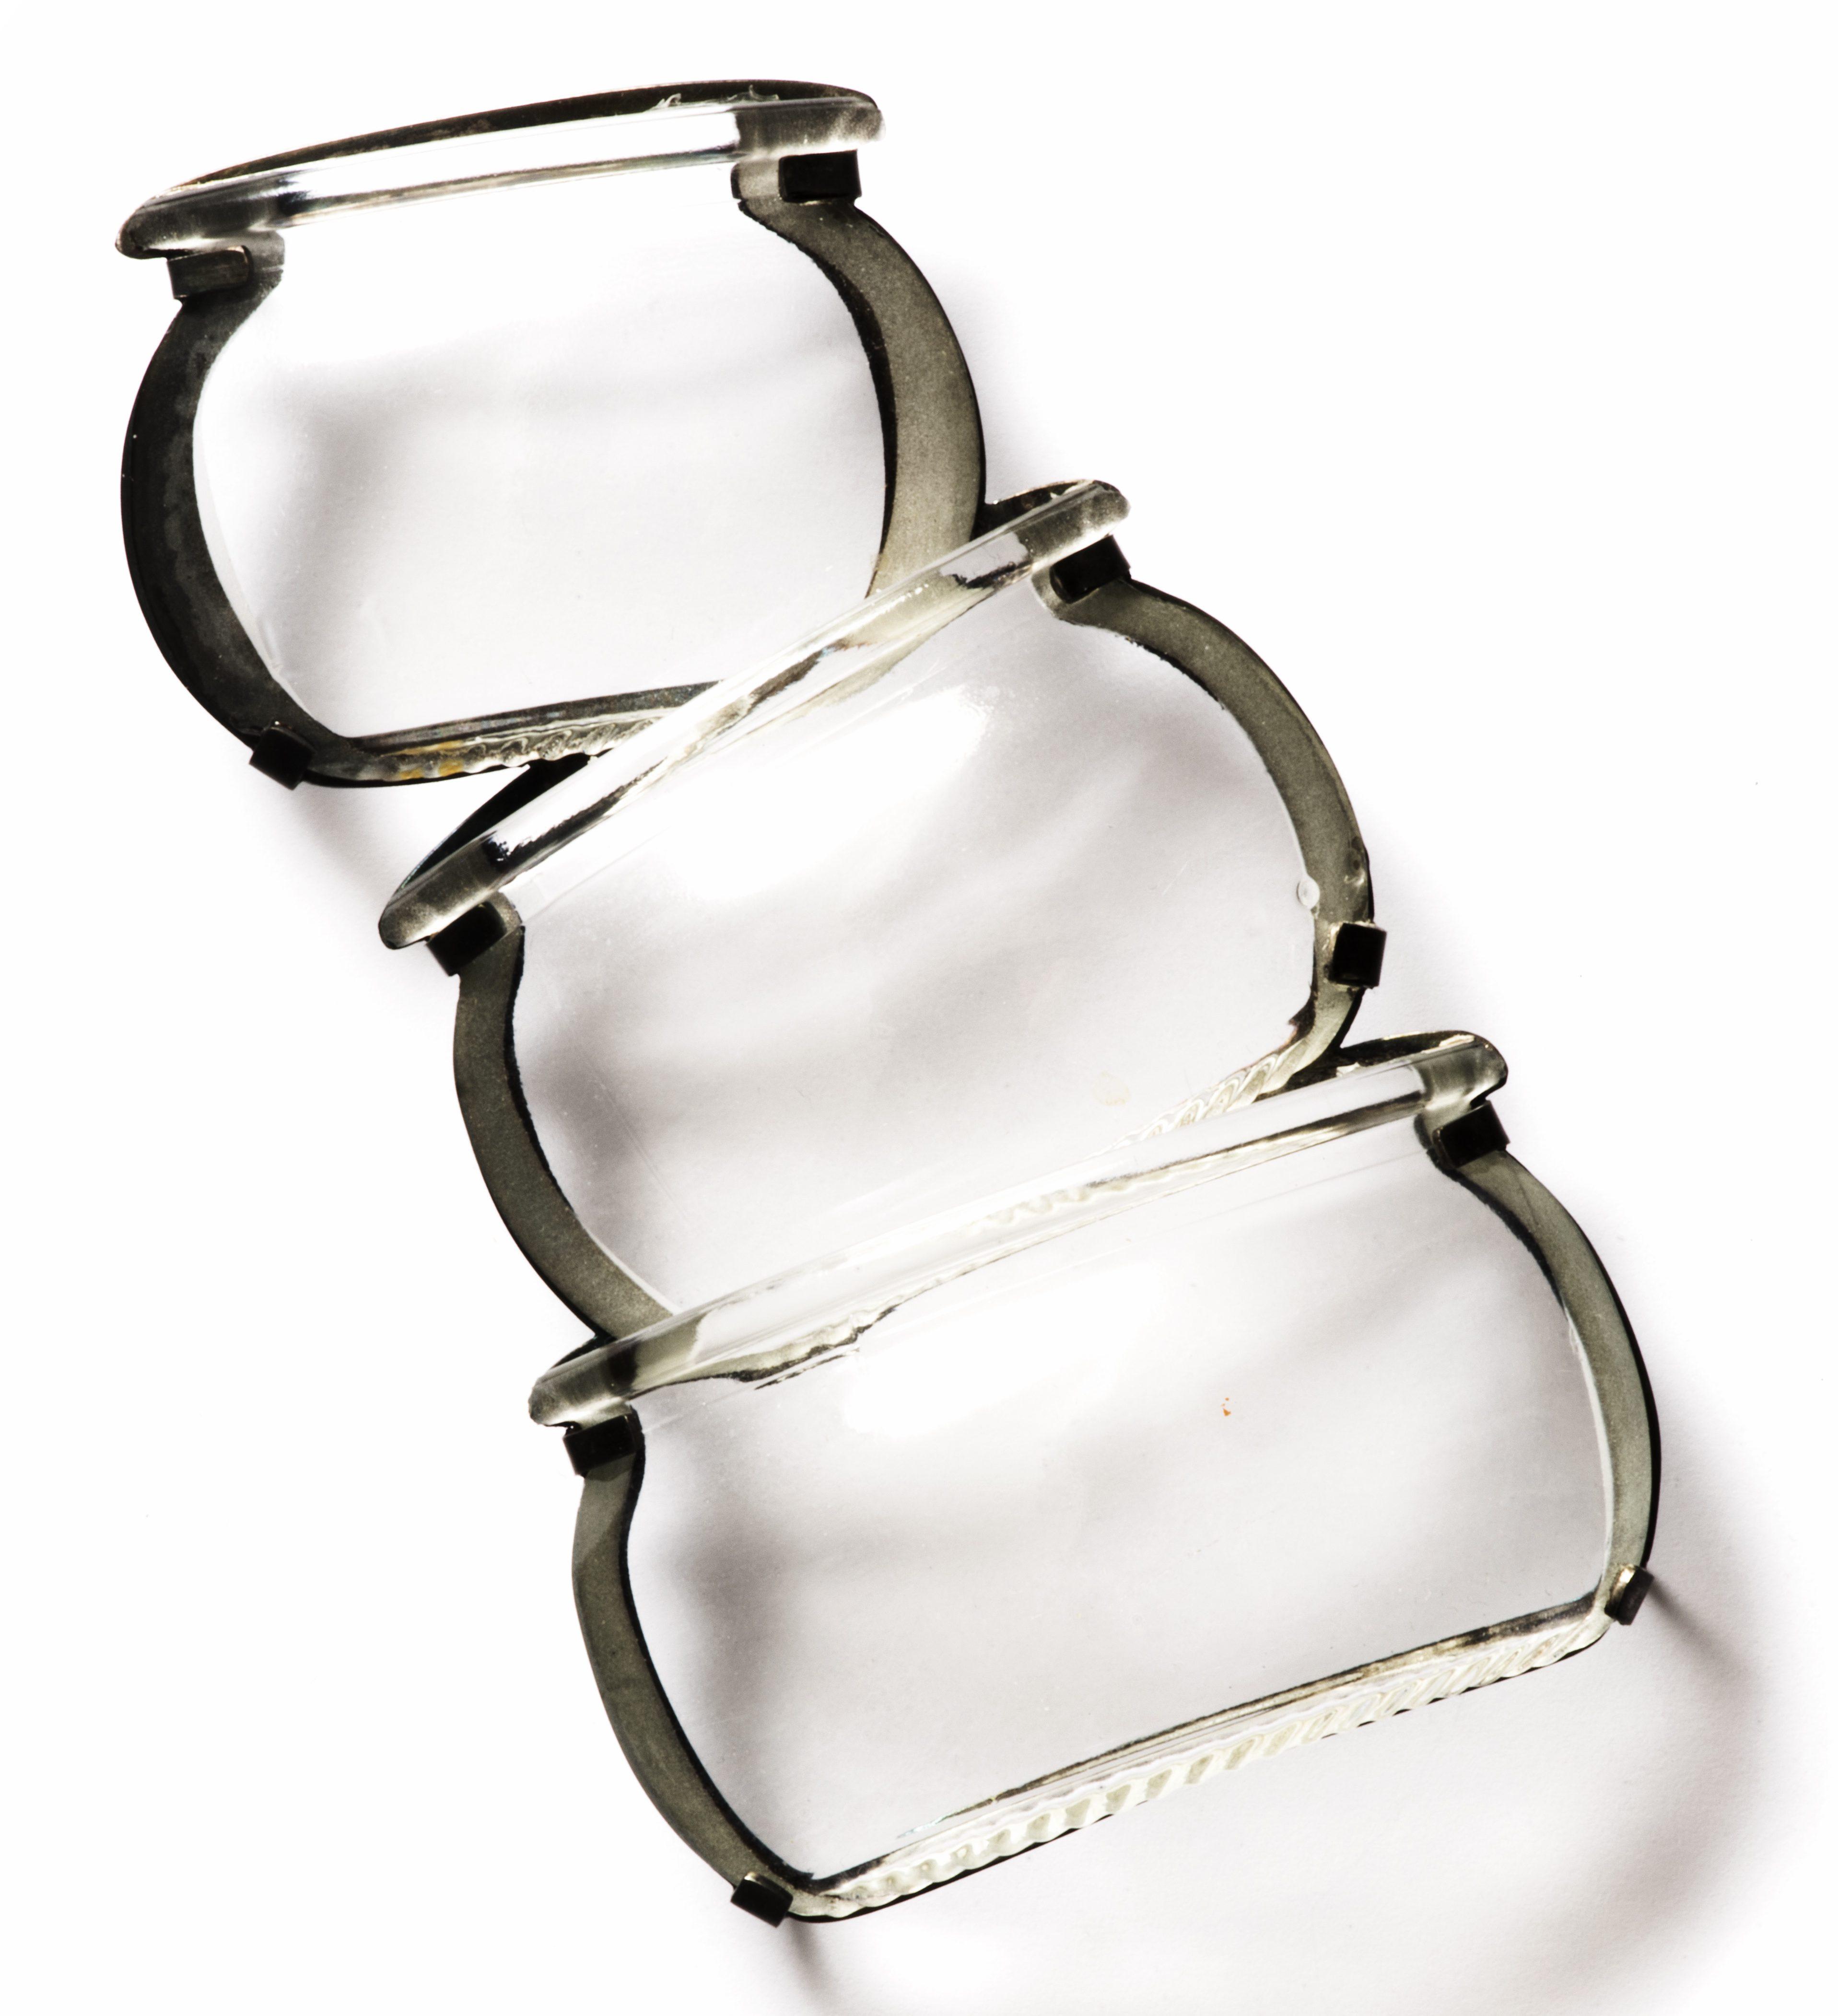 Gésine Hackenberg, Kitchen glass no 26, broche, 2012. Collectie Jorunn Veiteberg. Foto met dank aan Nordenfjeldske Kunstindustrimuseum, Guri Dahl©